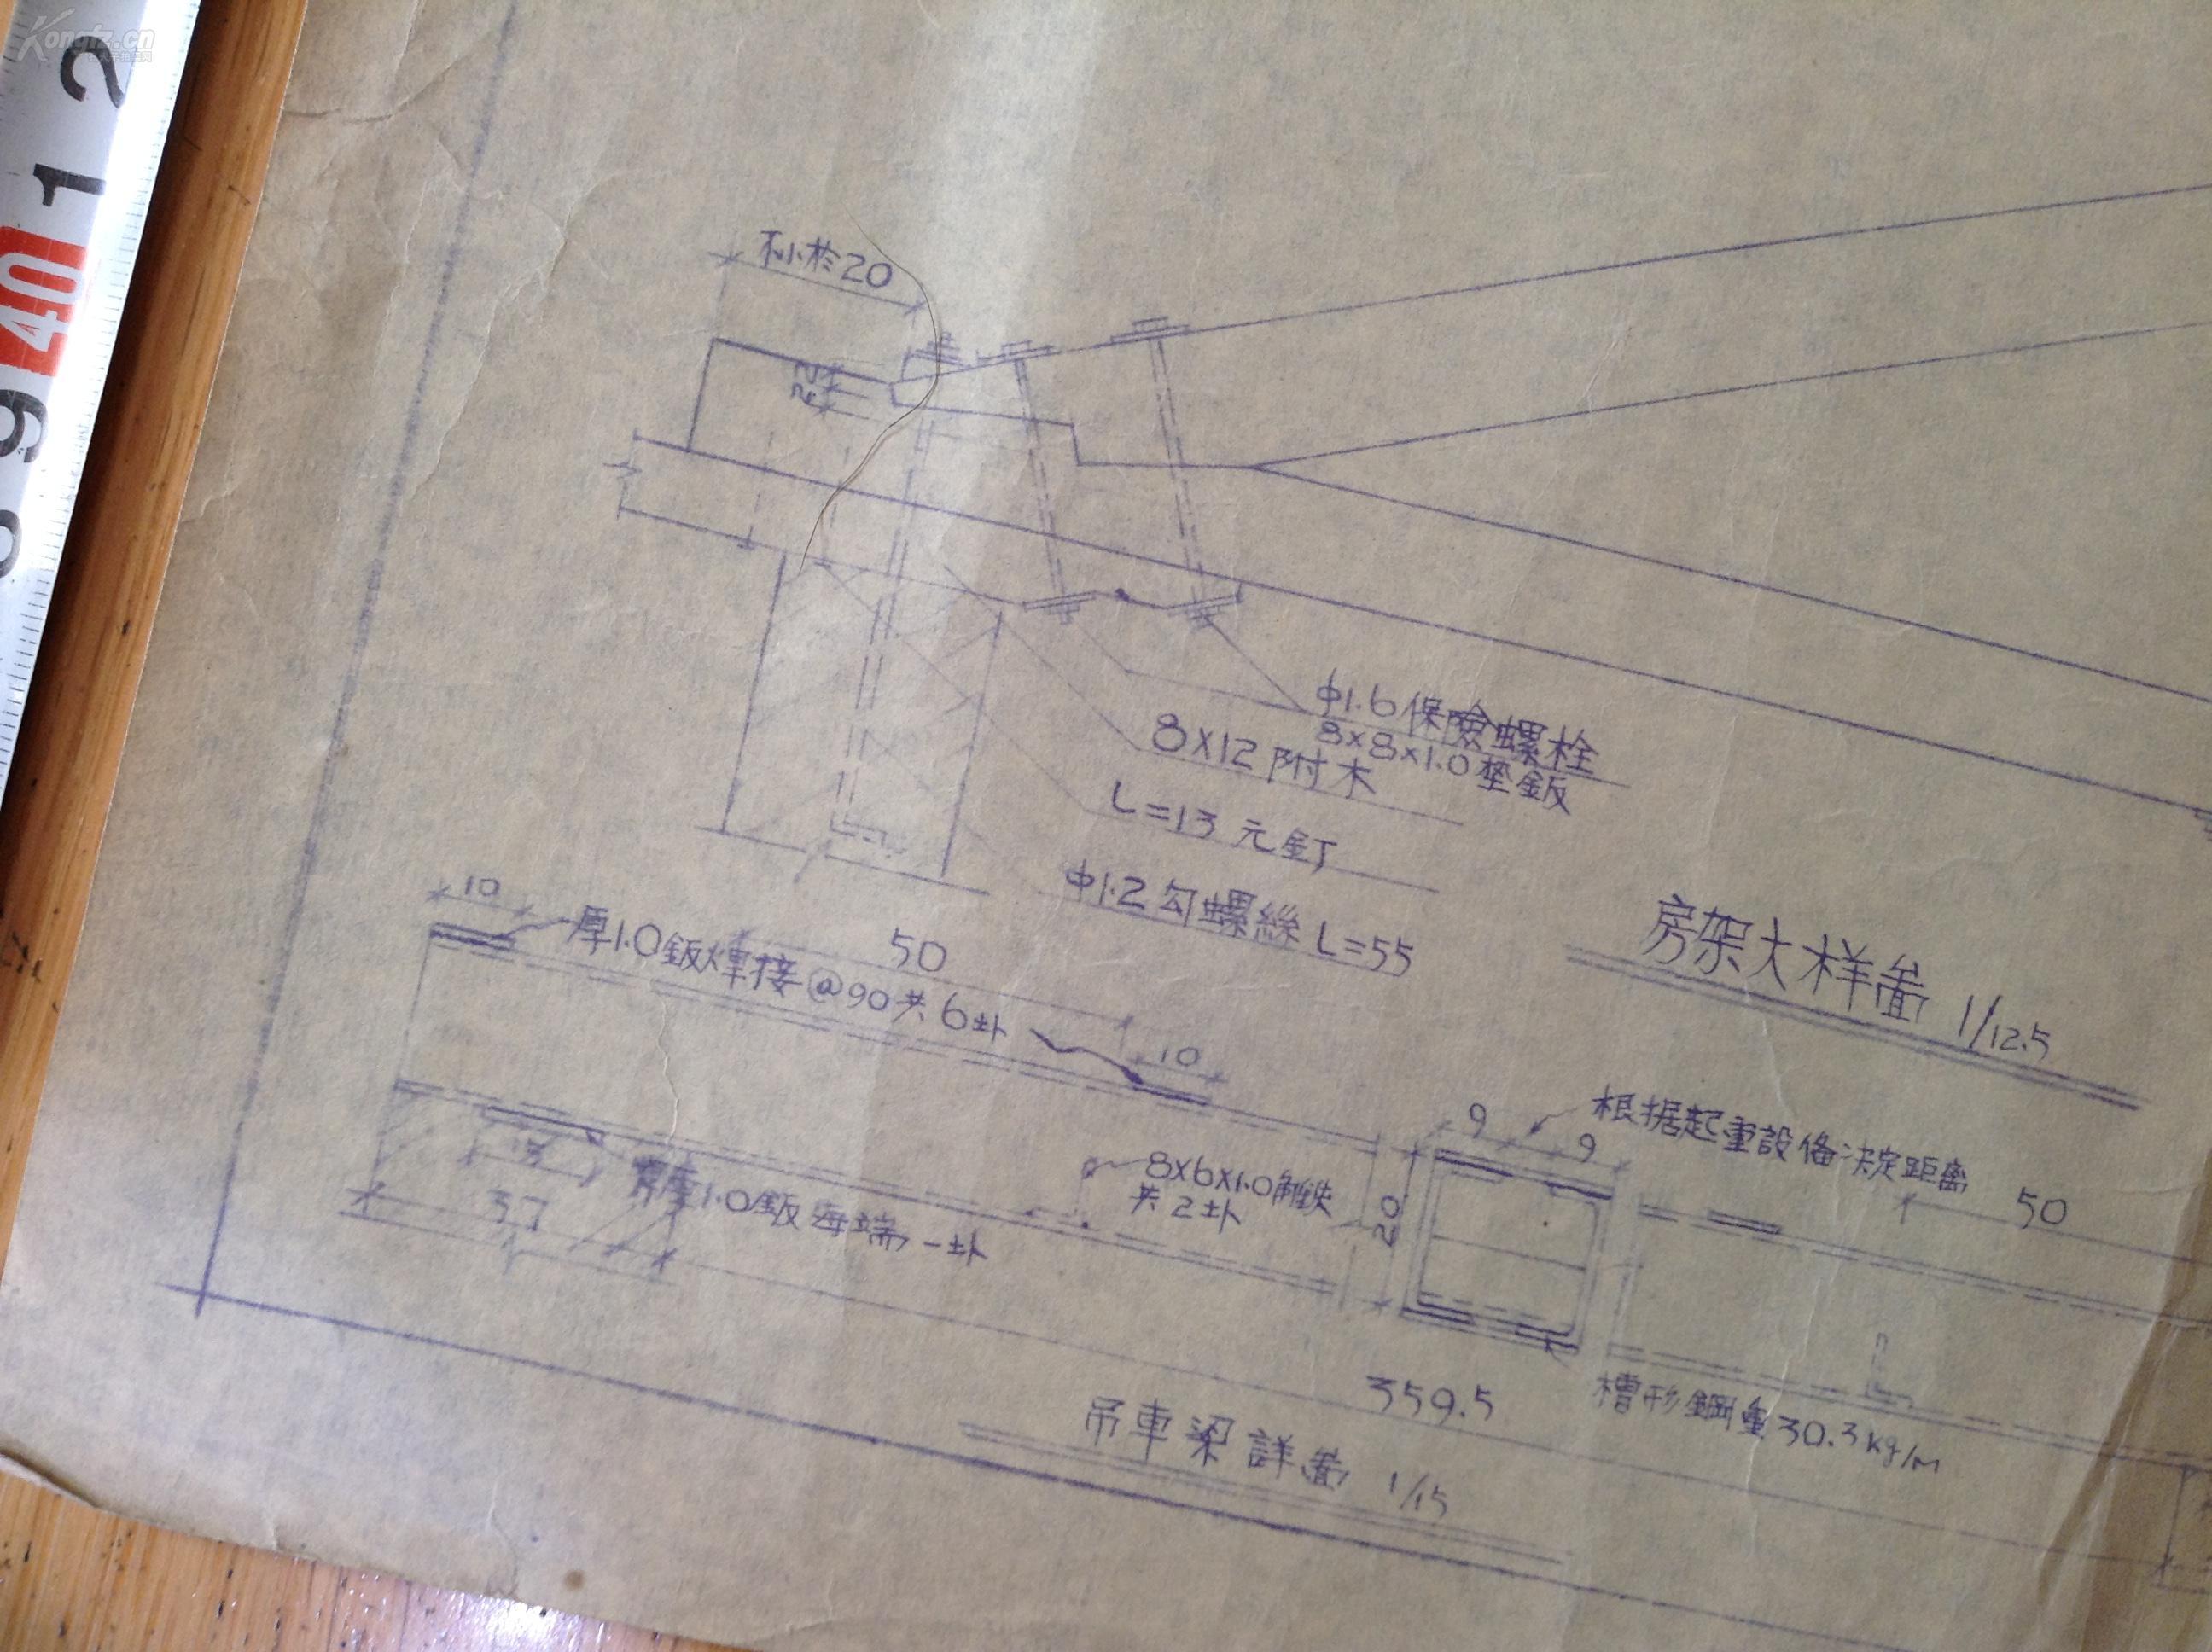 老北京《早年永定门站模型上的果皮箱和西直门图纸冰棒月台棒图片